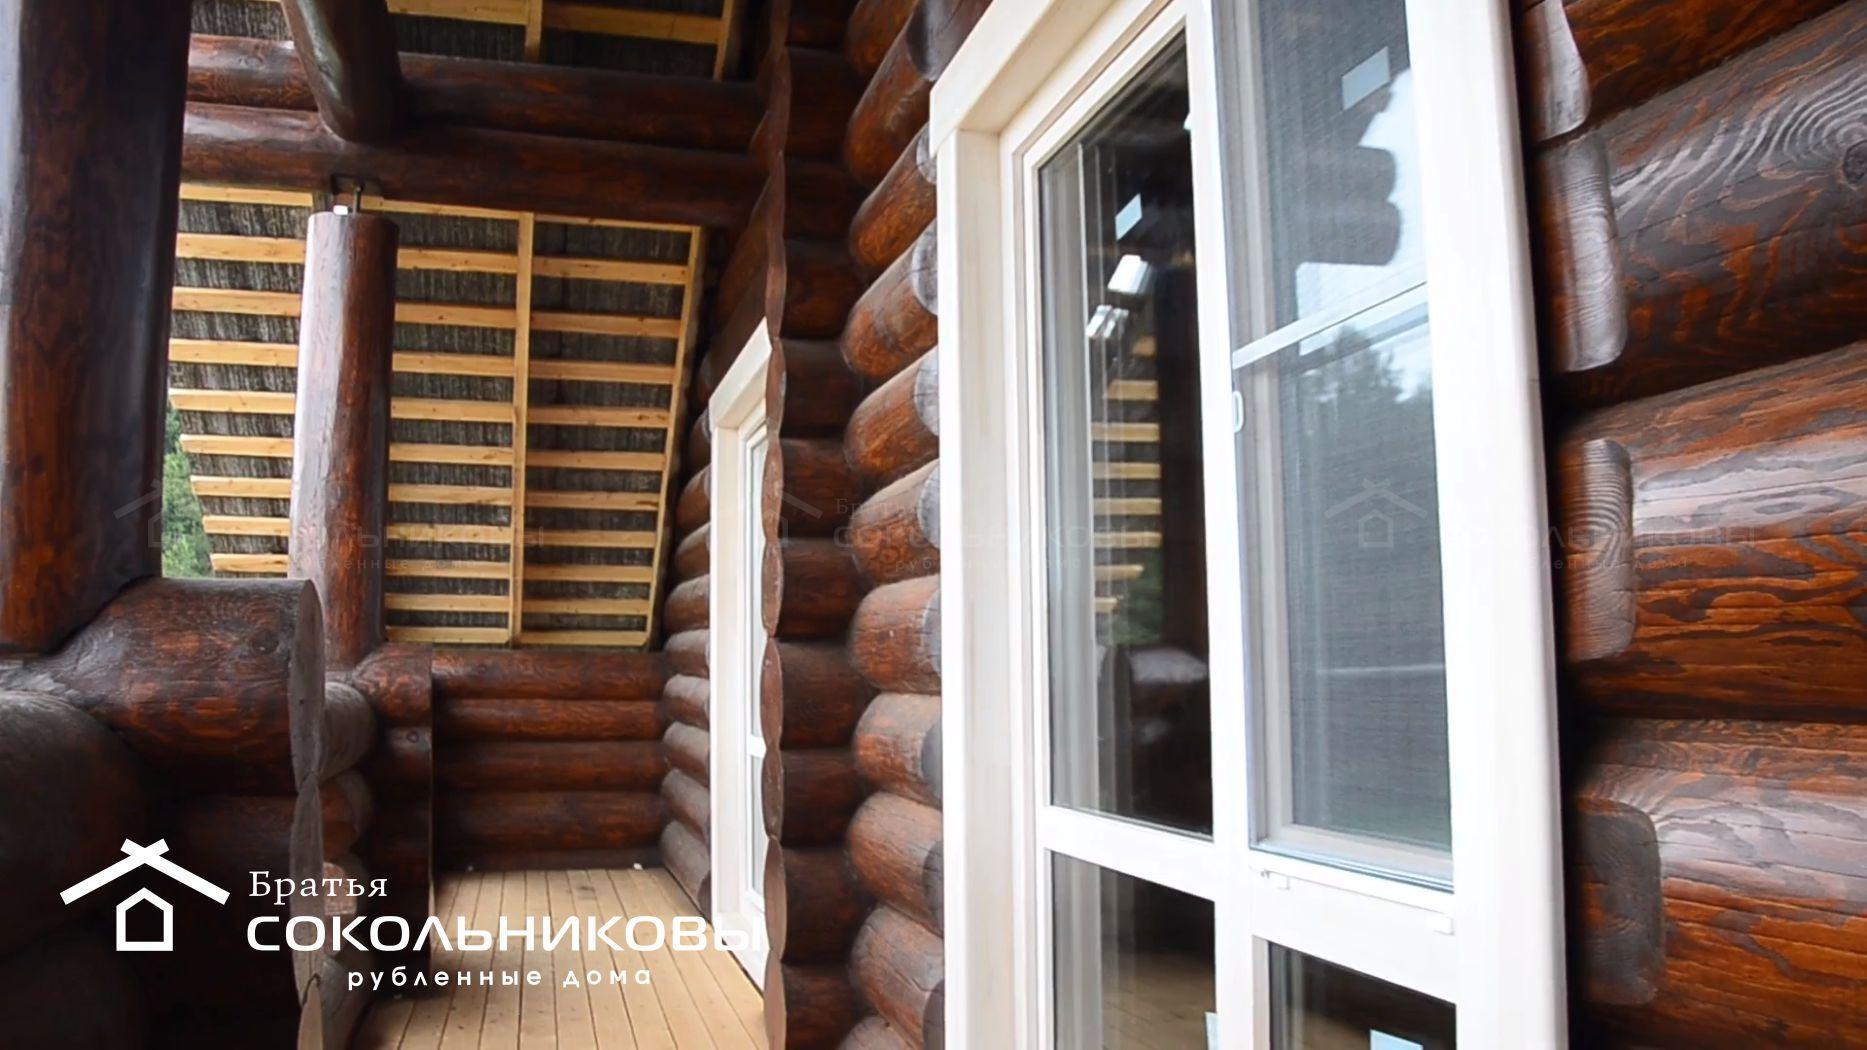 Дом под рубанок, 200 кв. м, фото 2